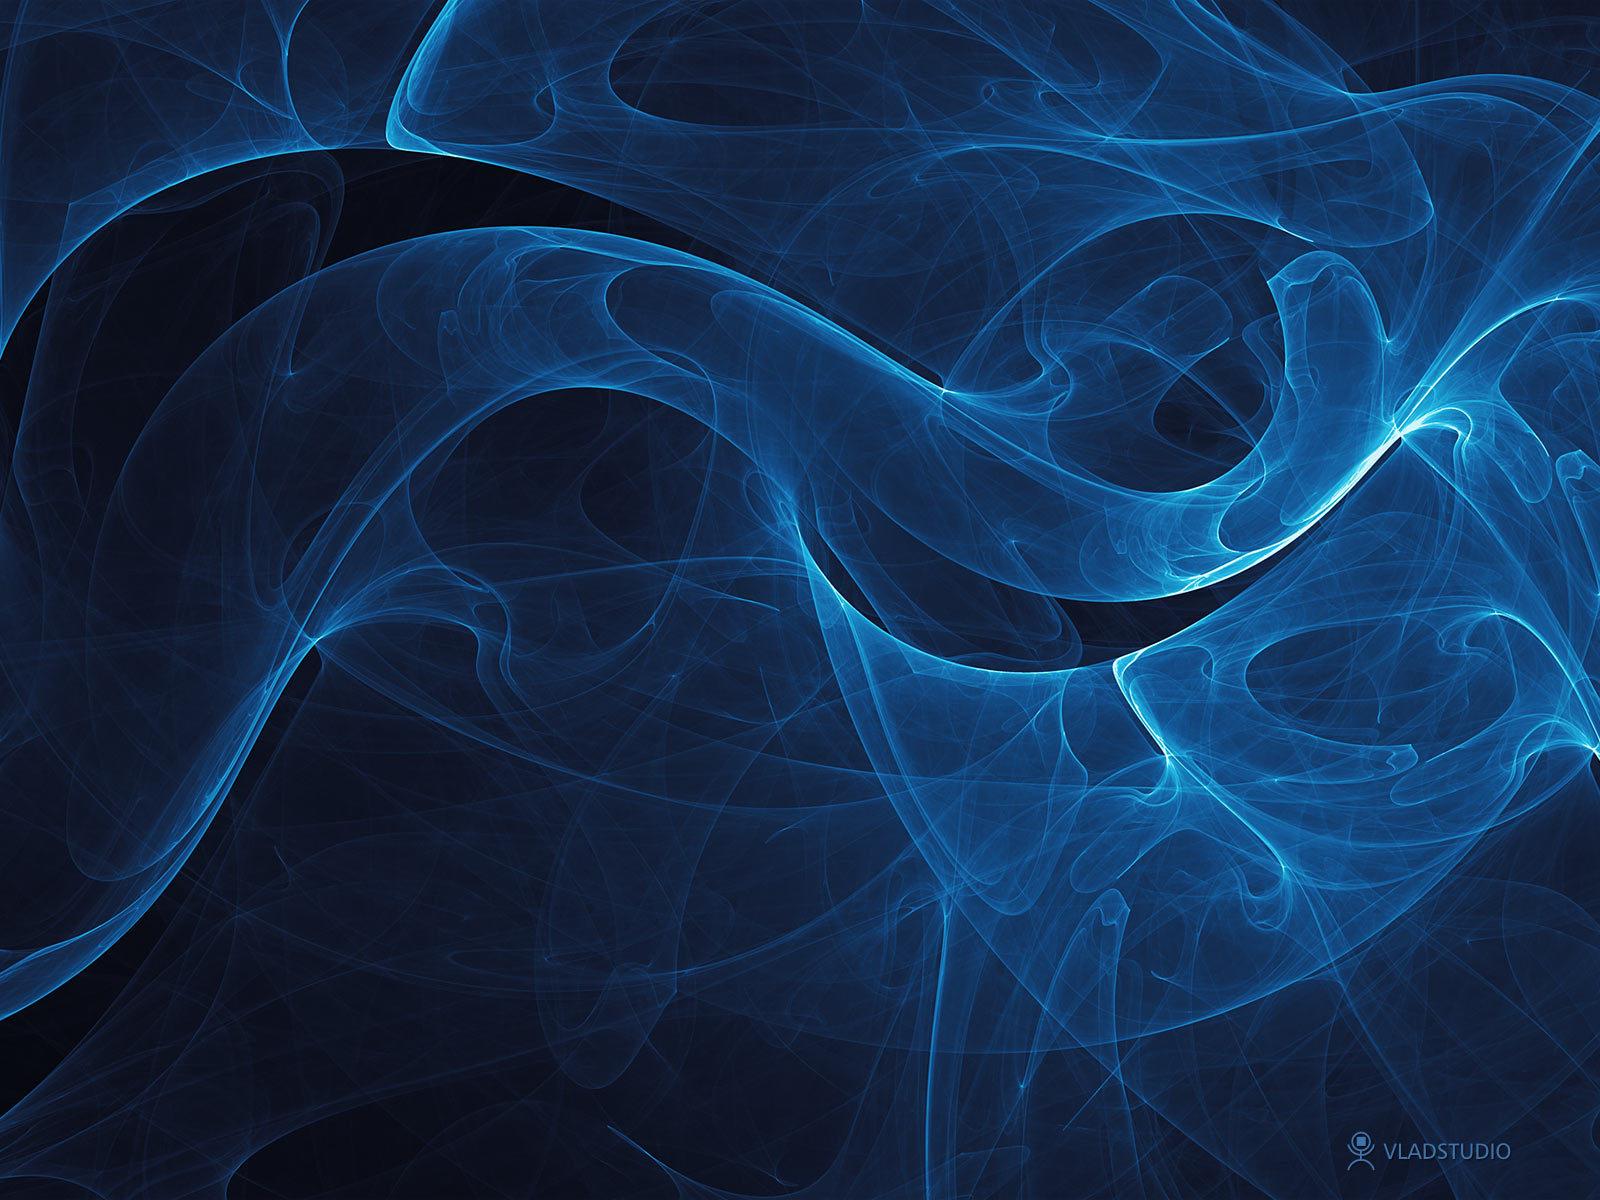 blue wallpaper blue wallpaper designs cool blue wallpapers light blue 1600x1200